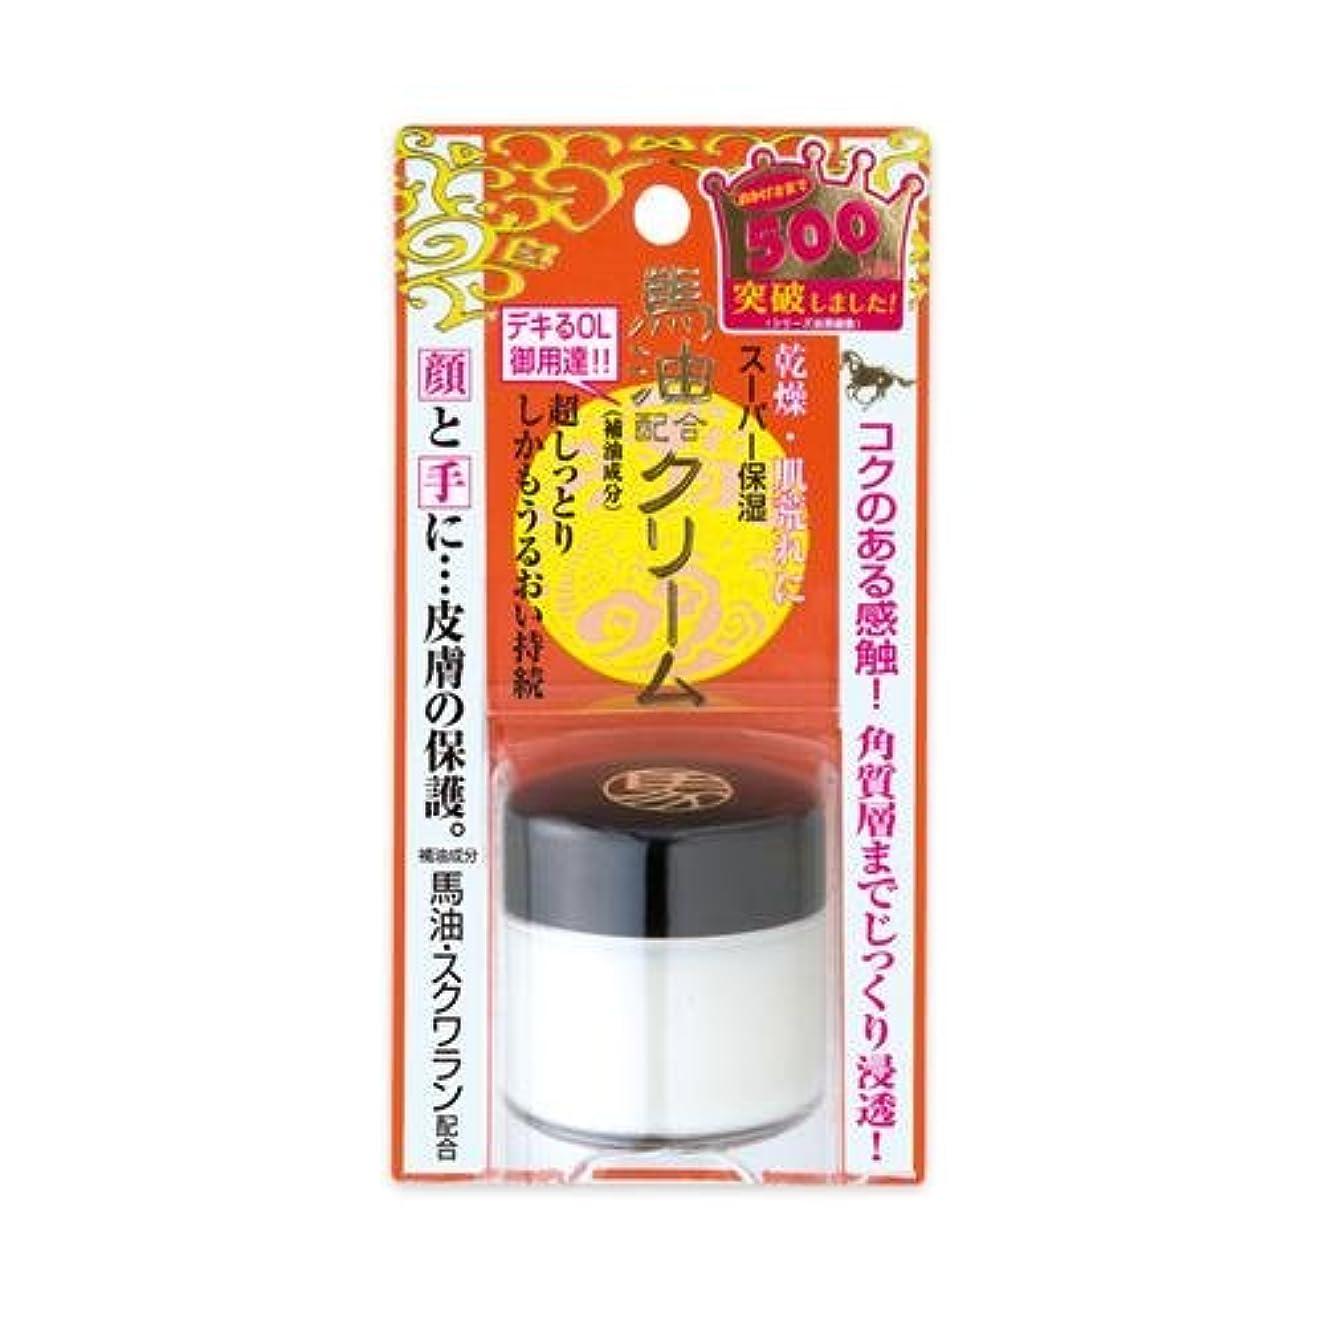 キャプションヒット傷つきやすい明色化粧品 リモイストクリーム リッチタイプ 30g [ヘルスケア&ケア用品]